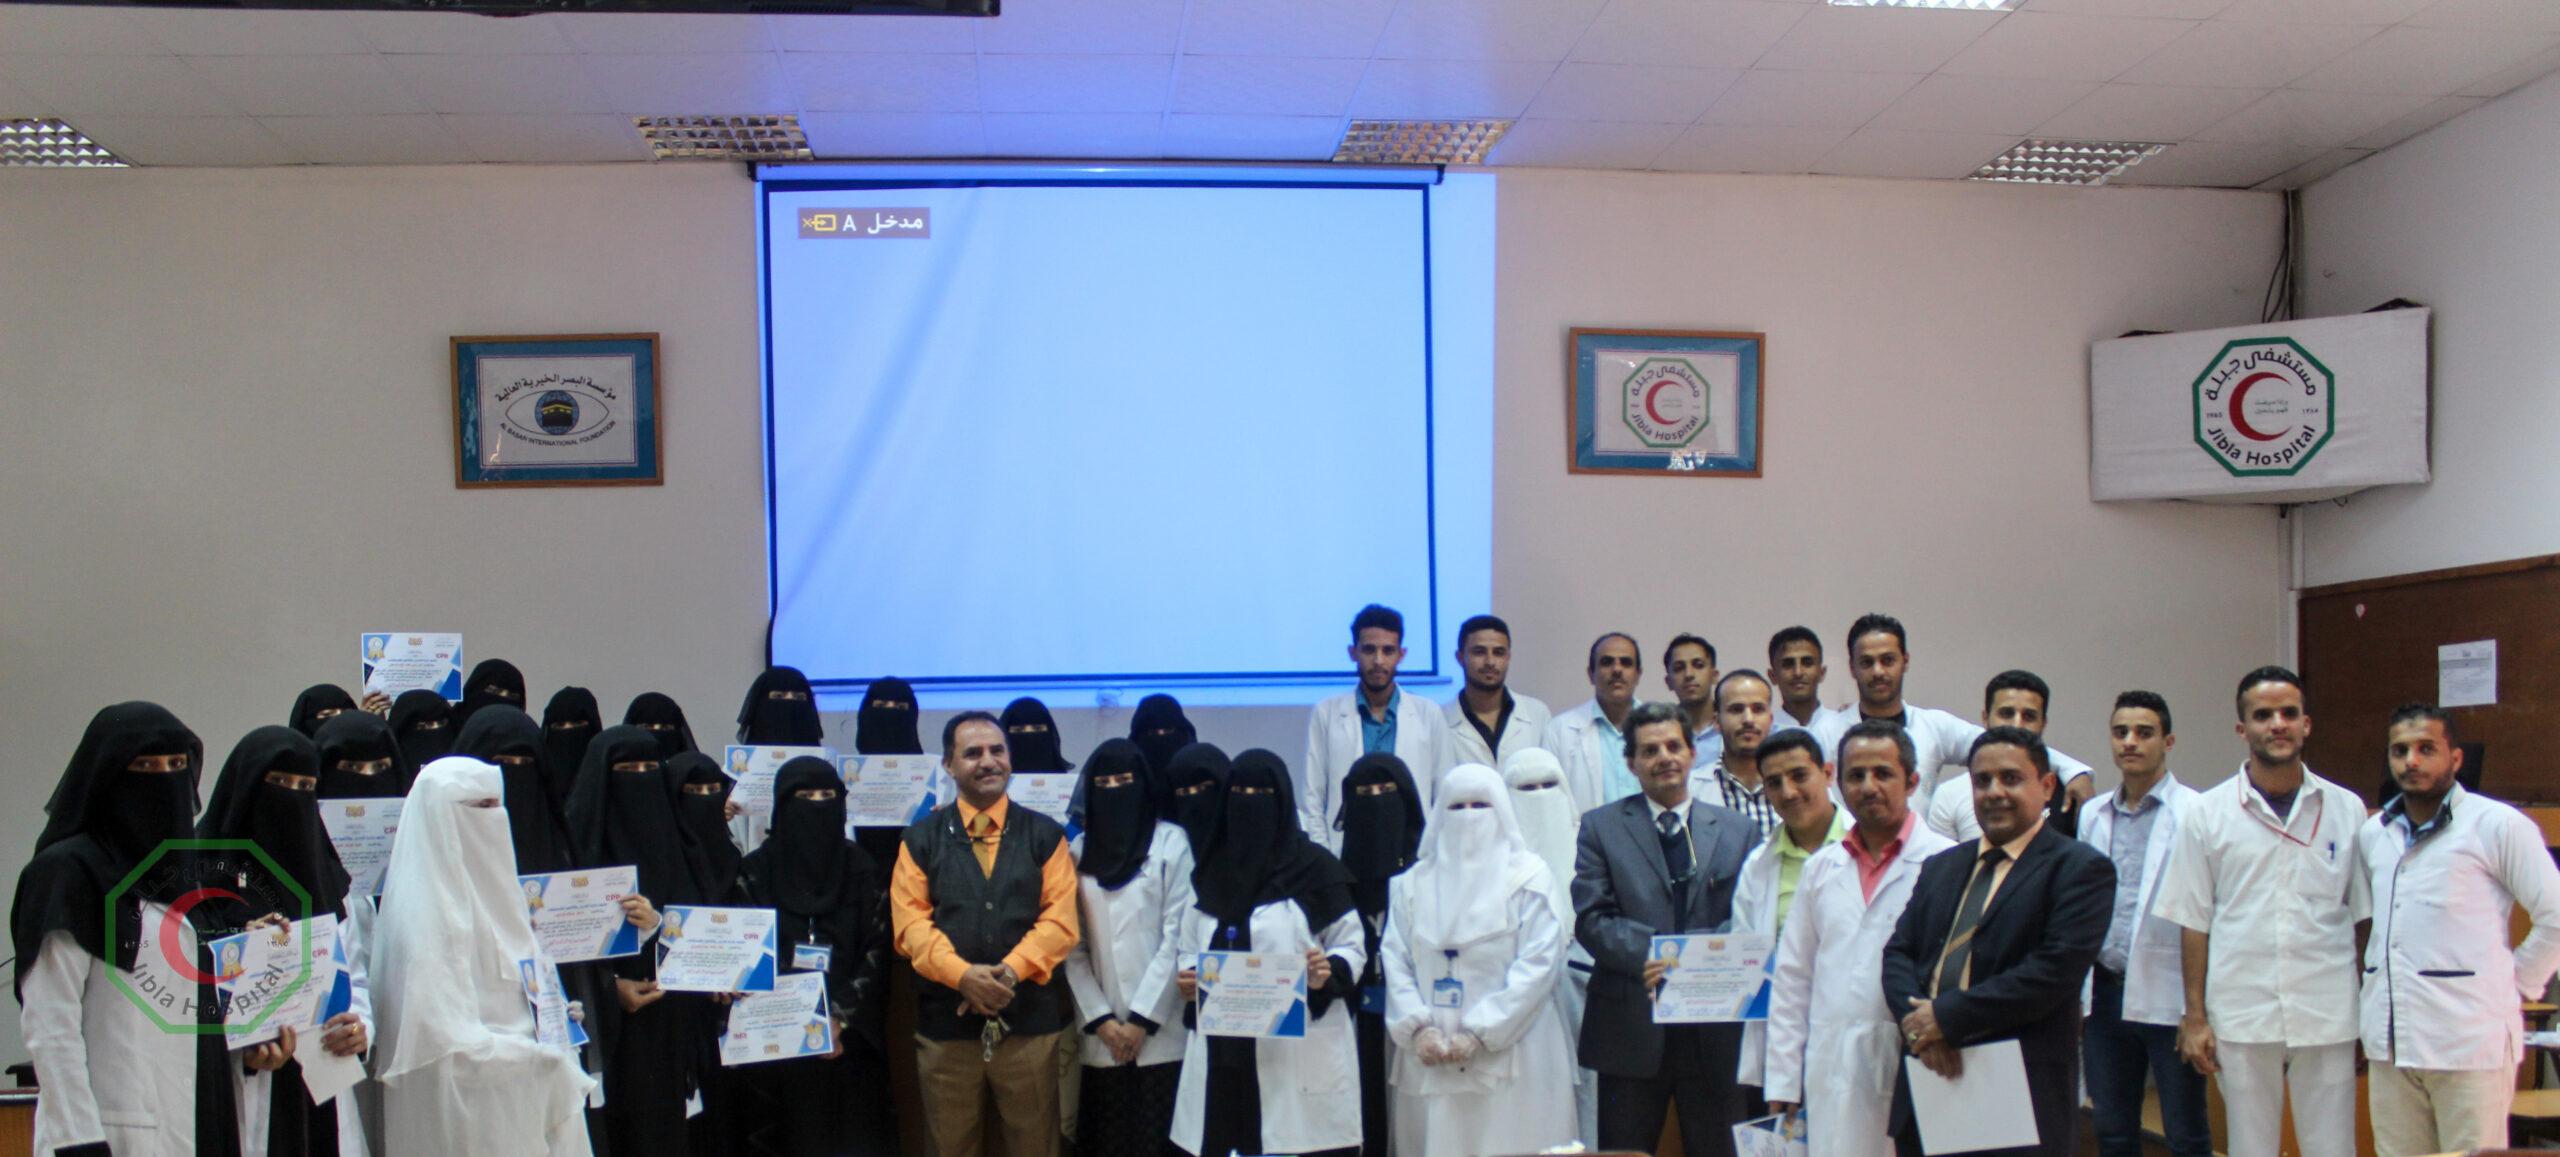 صورة جماعية للمشاركين في الدورة مع مدير عام المستشفى